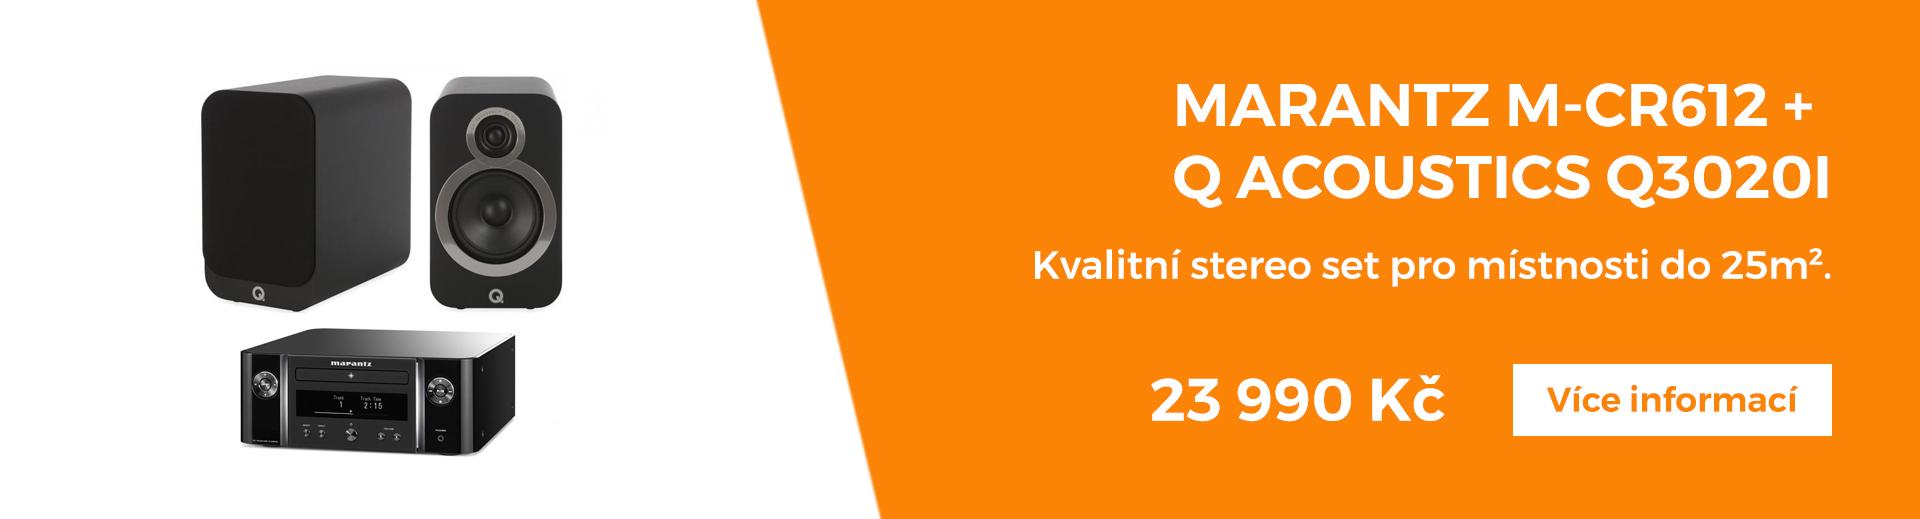 marantz + qacoustics